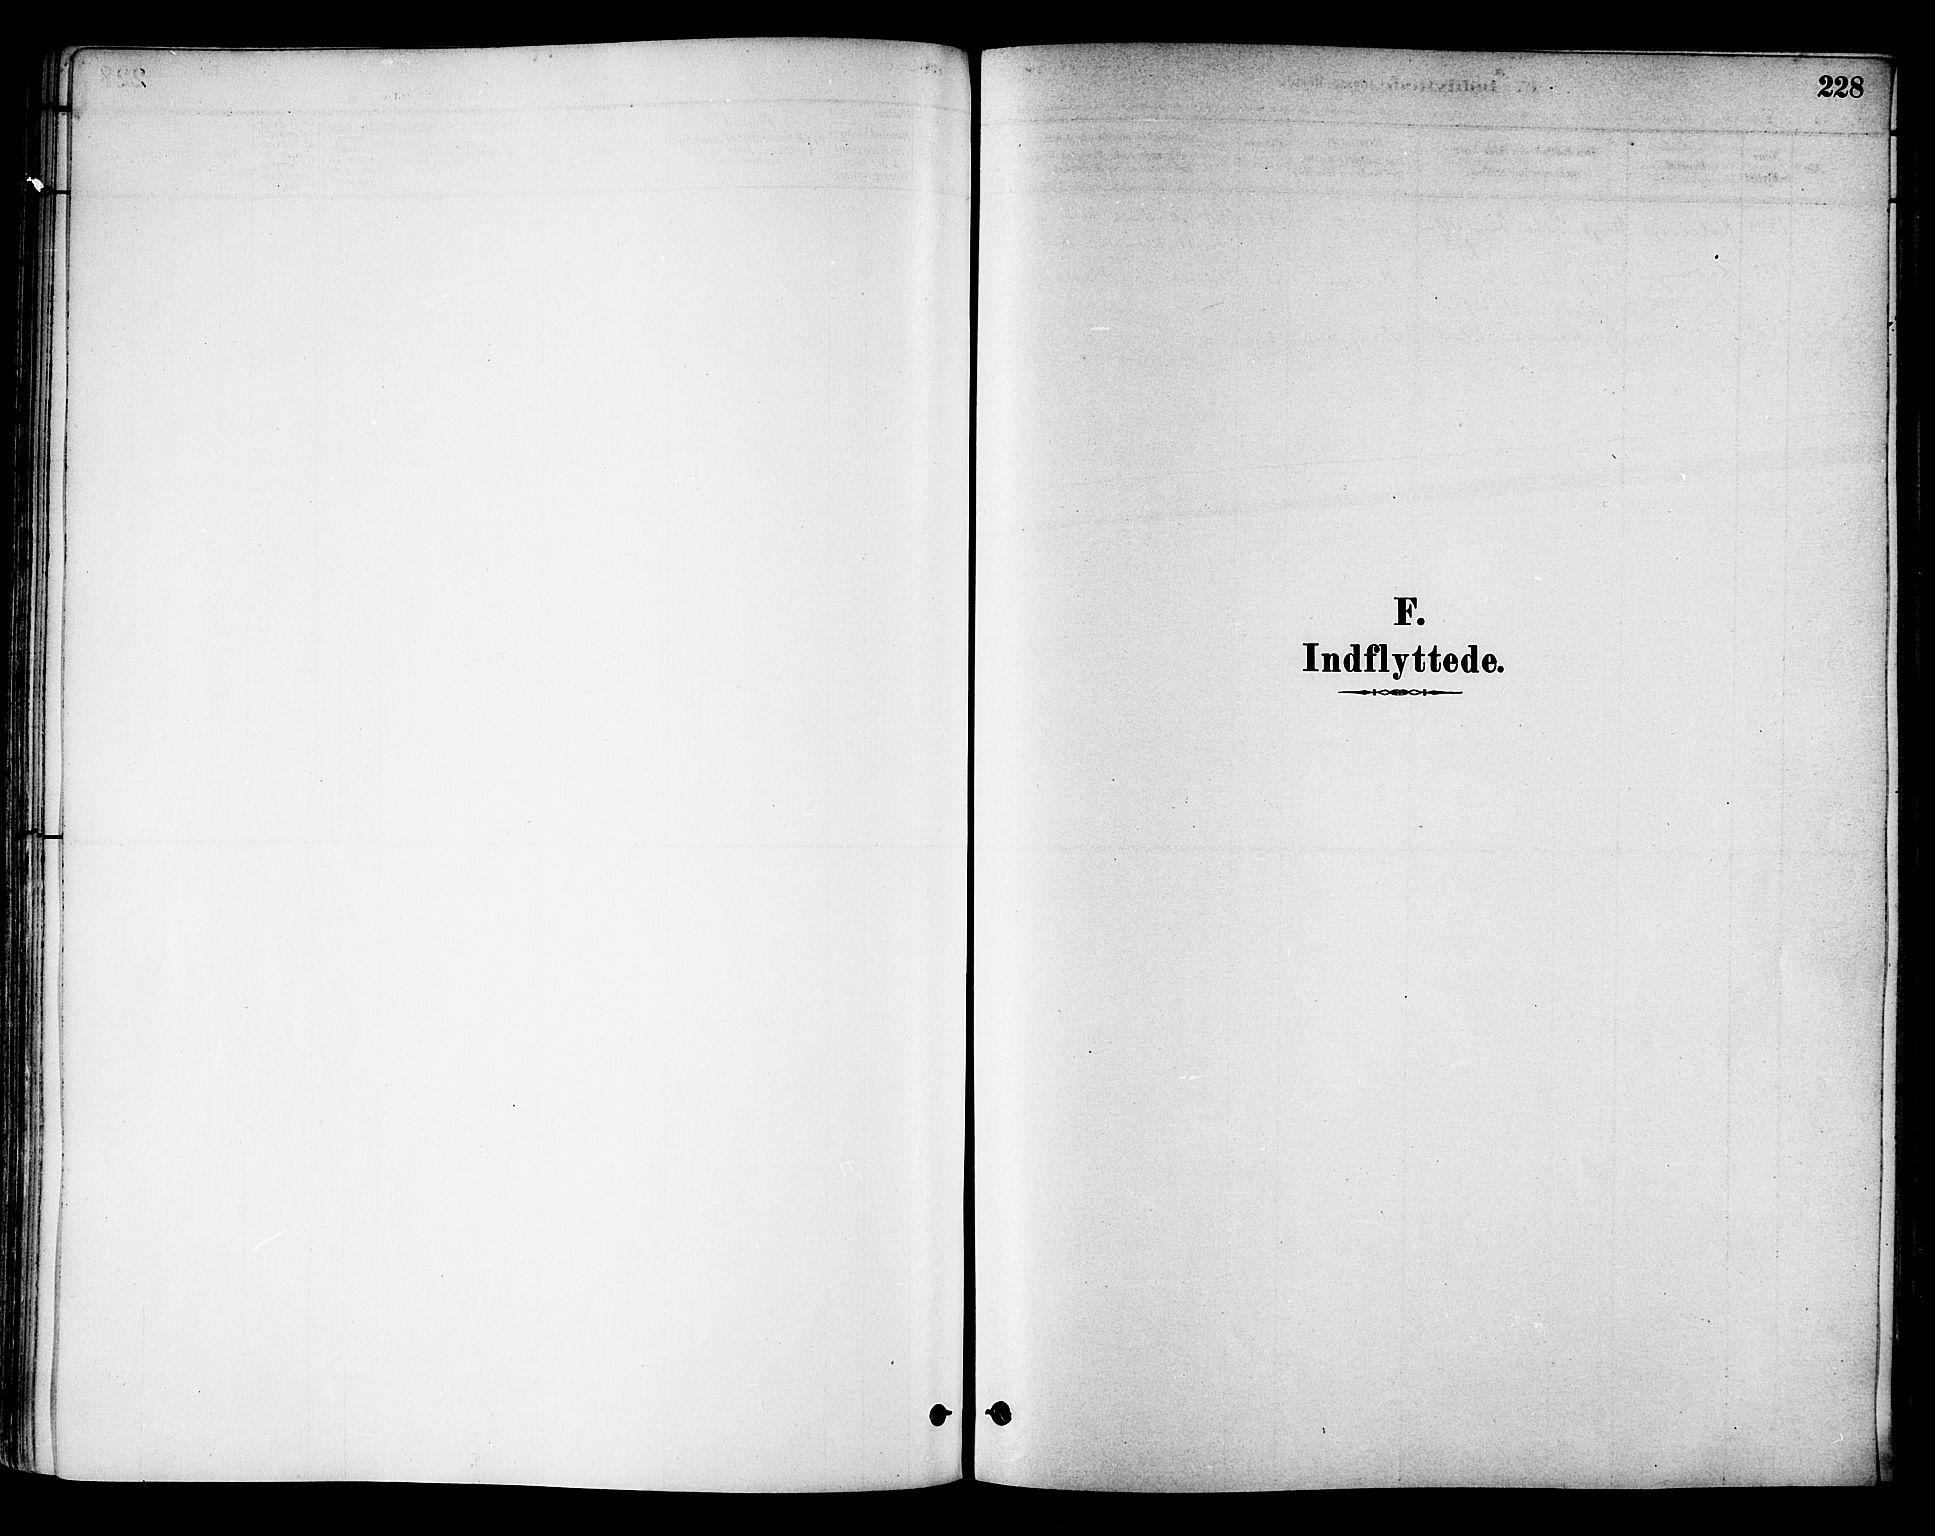 SAT, Ministerialprotokoller, klokkerbøker og fødselsregistre - Nord-Trøndelag, 786/L0686: Ministerialbok nr. 786A02, 1880-1887, s. 228